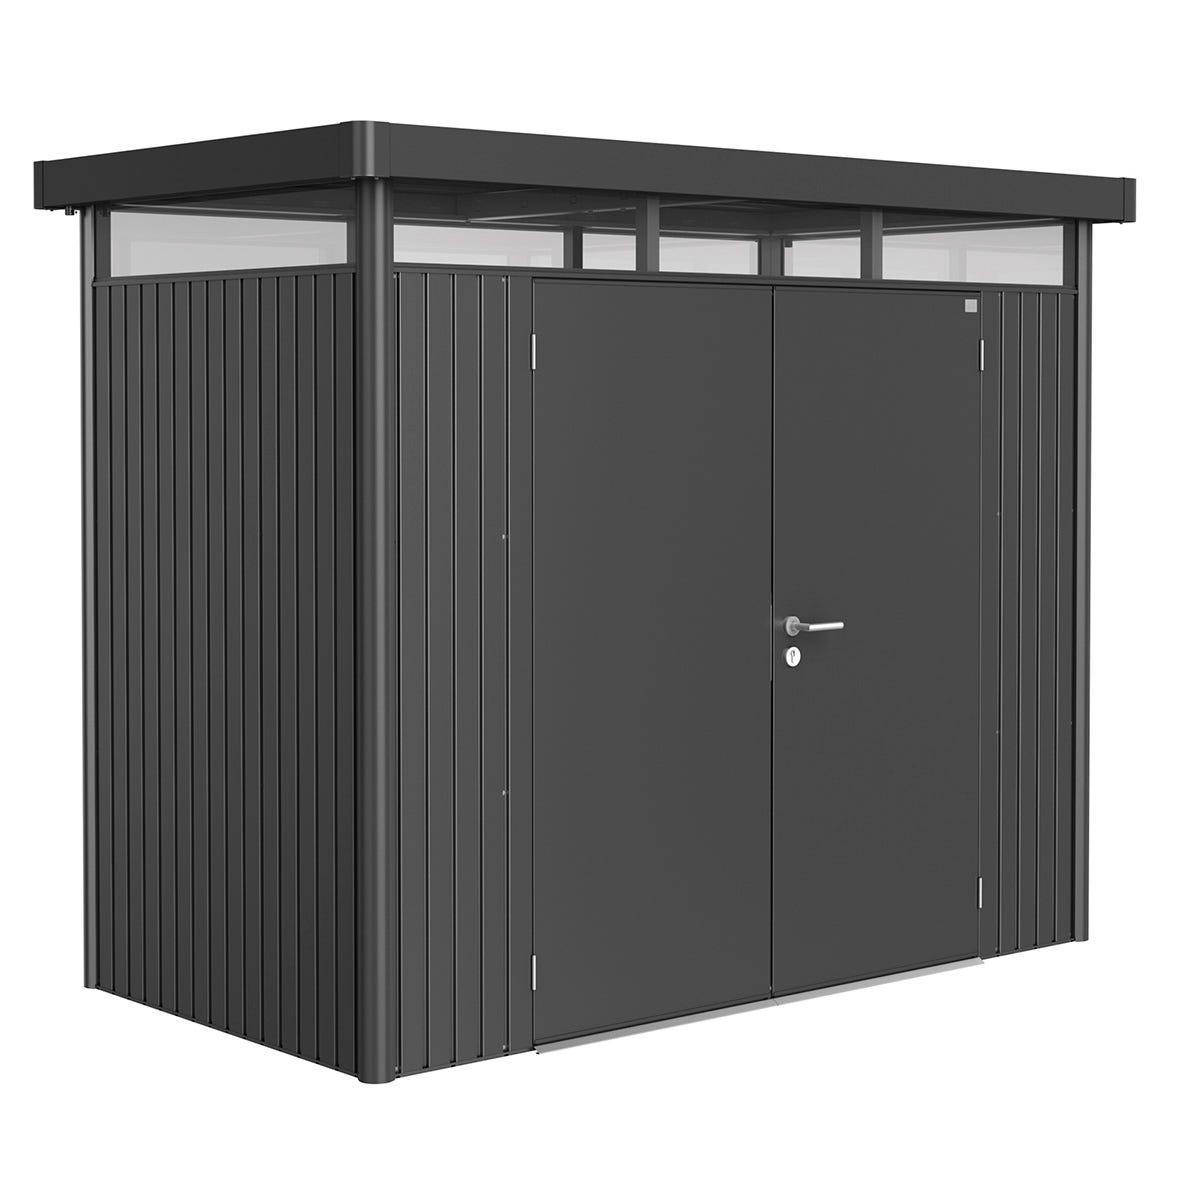 Biohort Highline Metal Shed H1 Double door 9 x 5 - Dark Grey